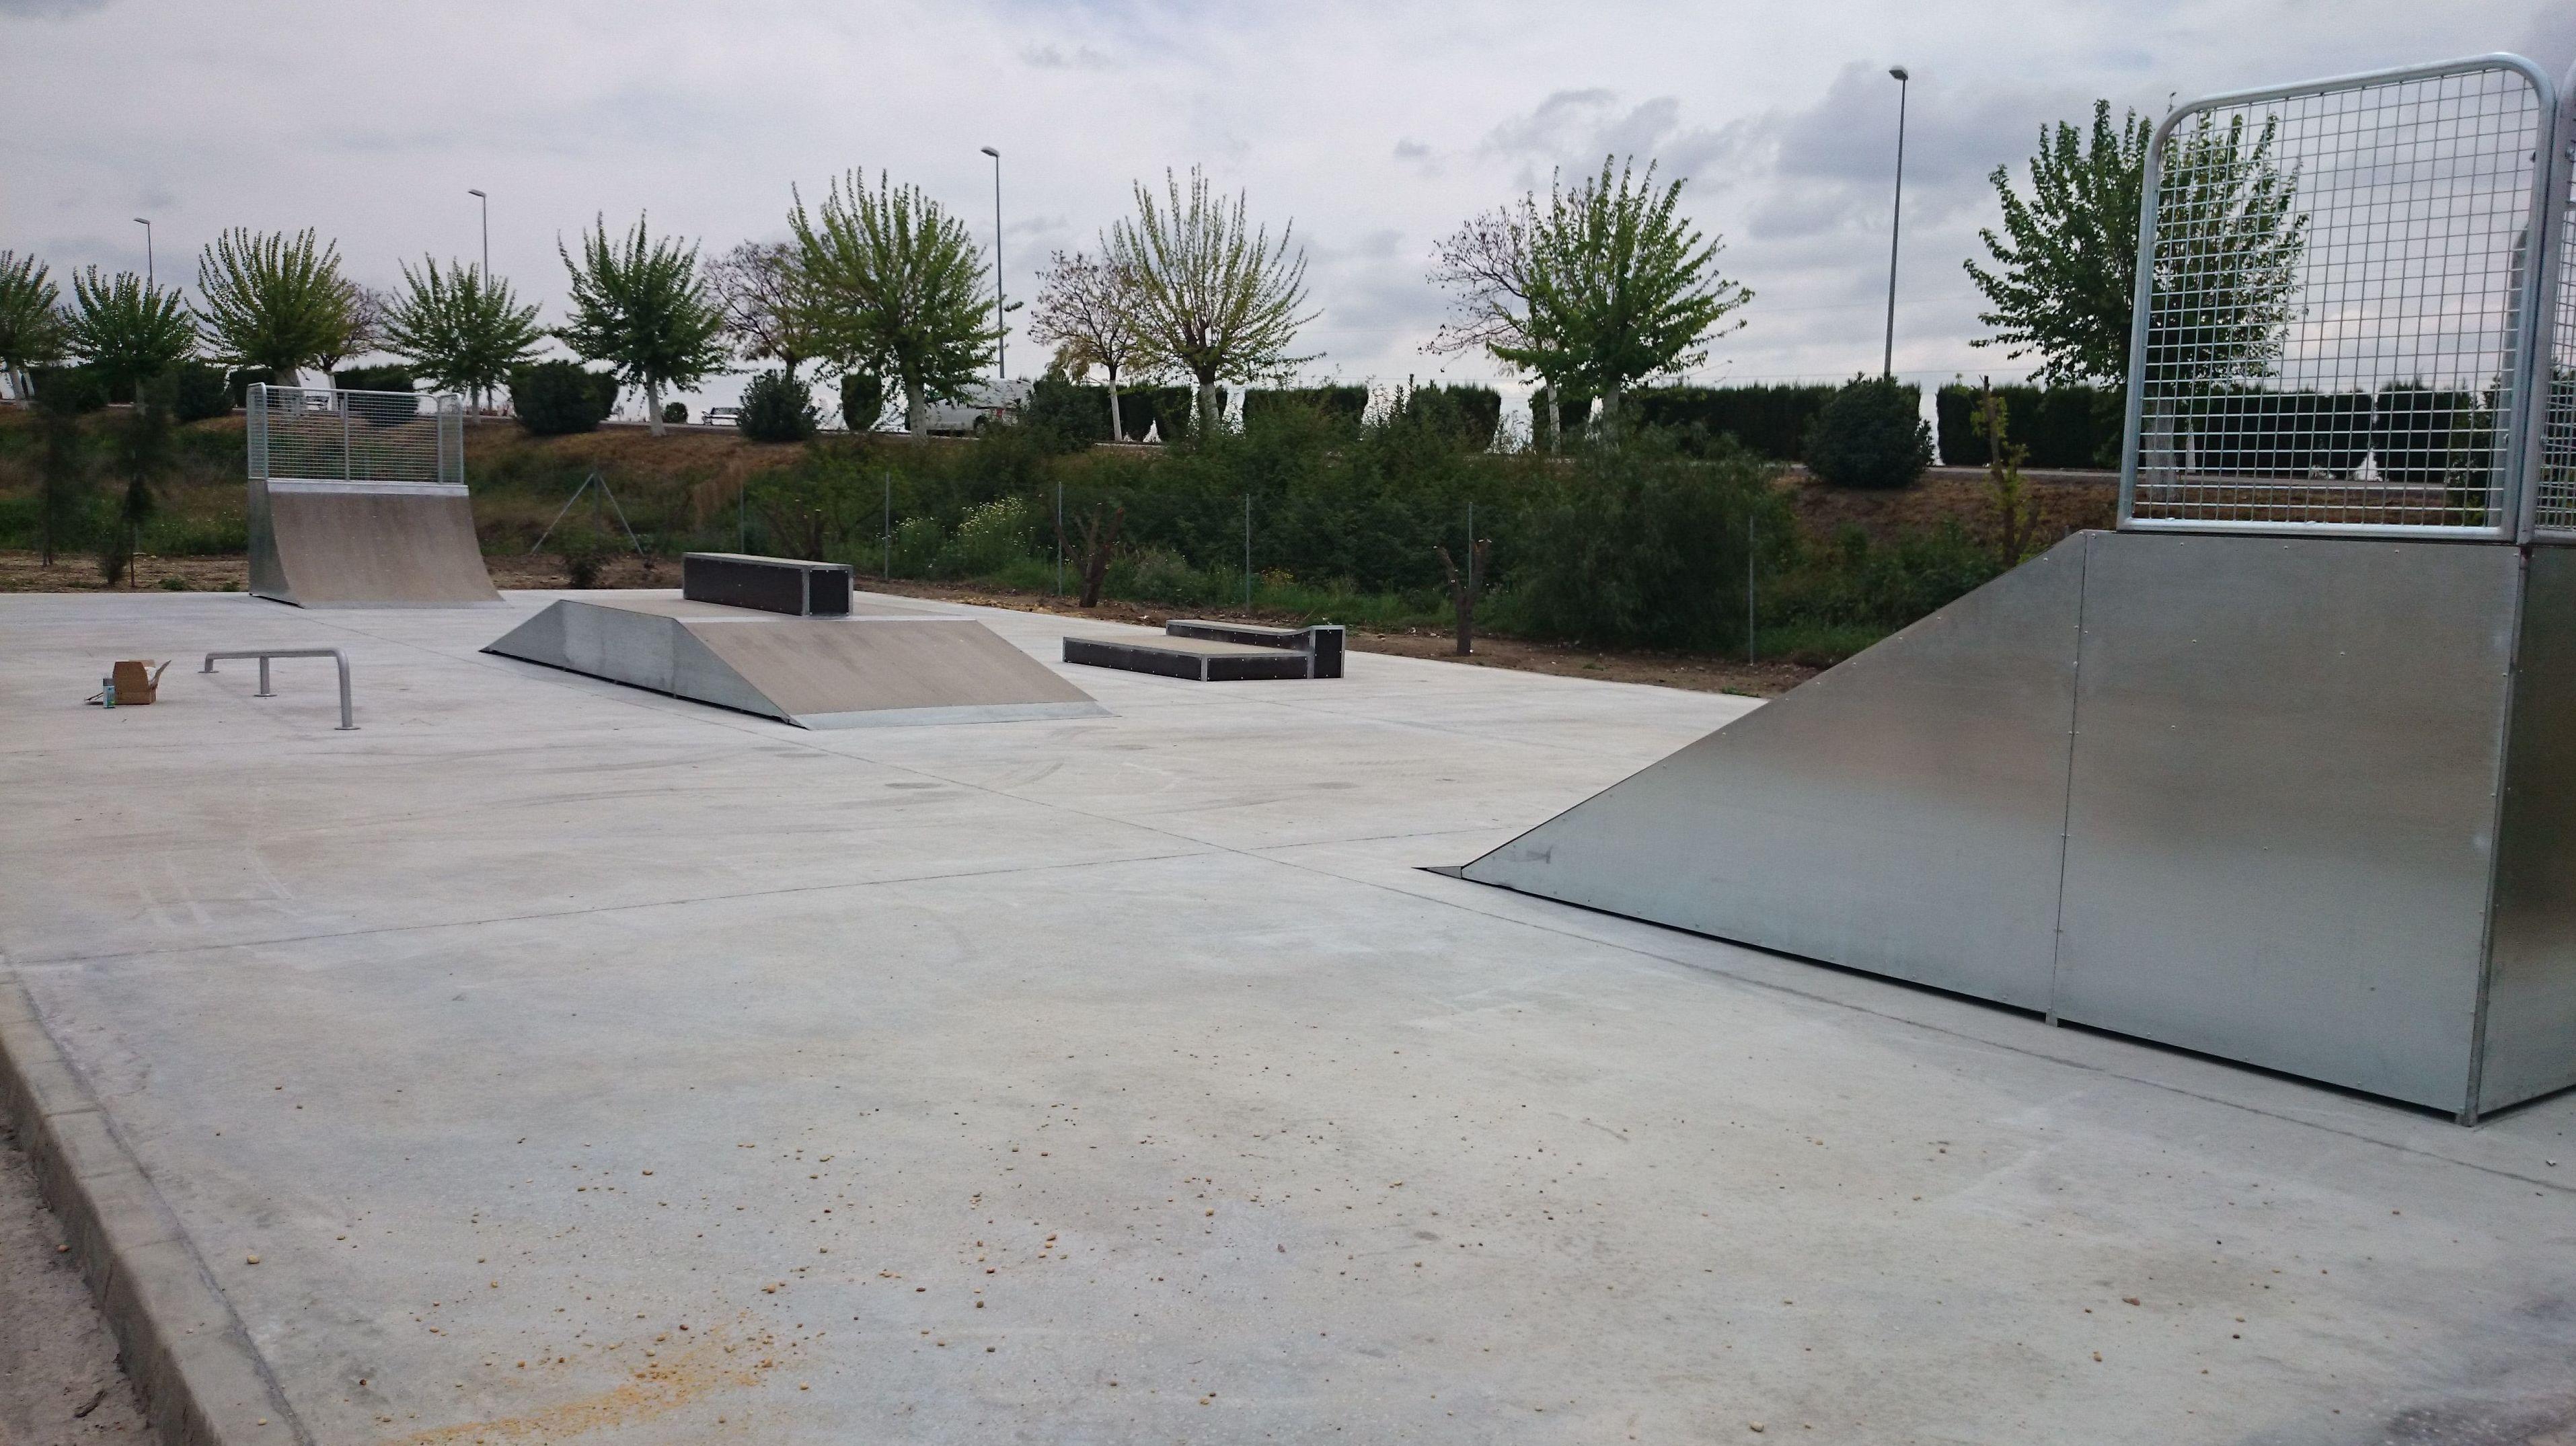 Foto 1 de Skate en Amorebieta | Osso Skateparks